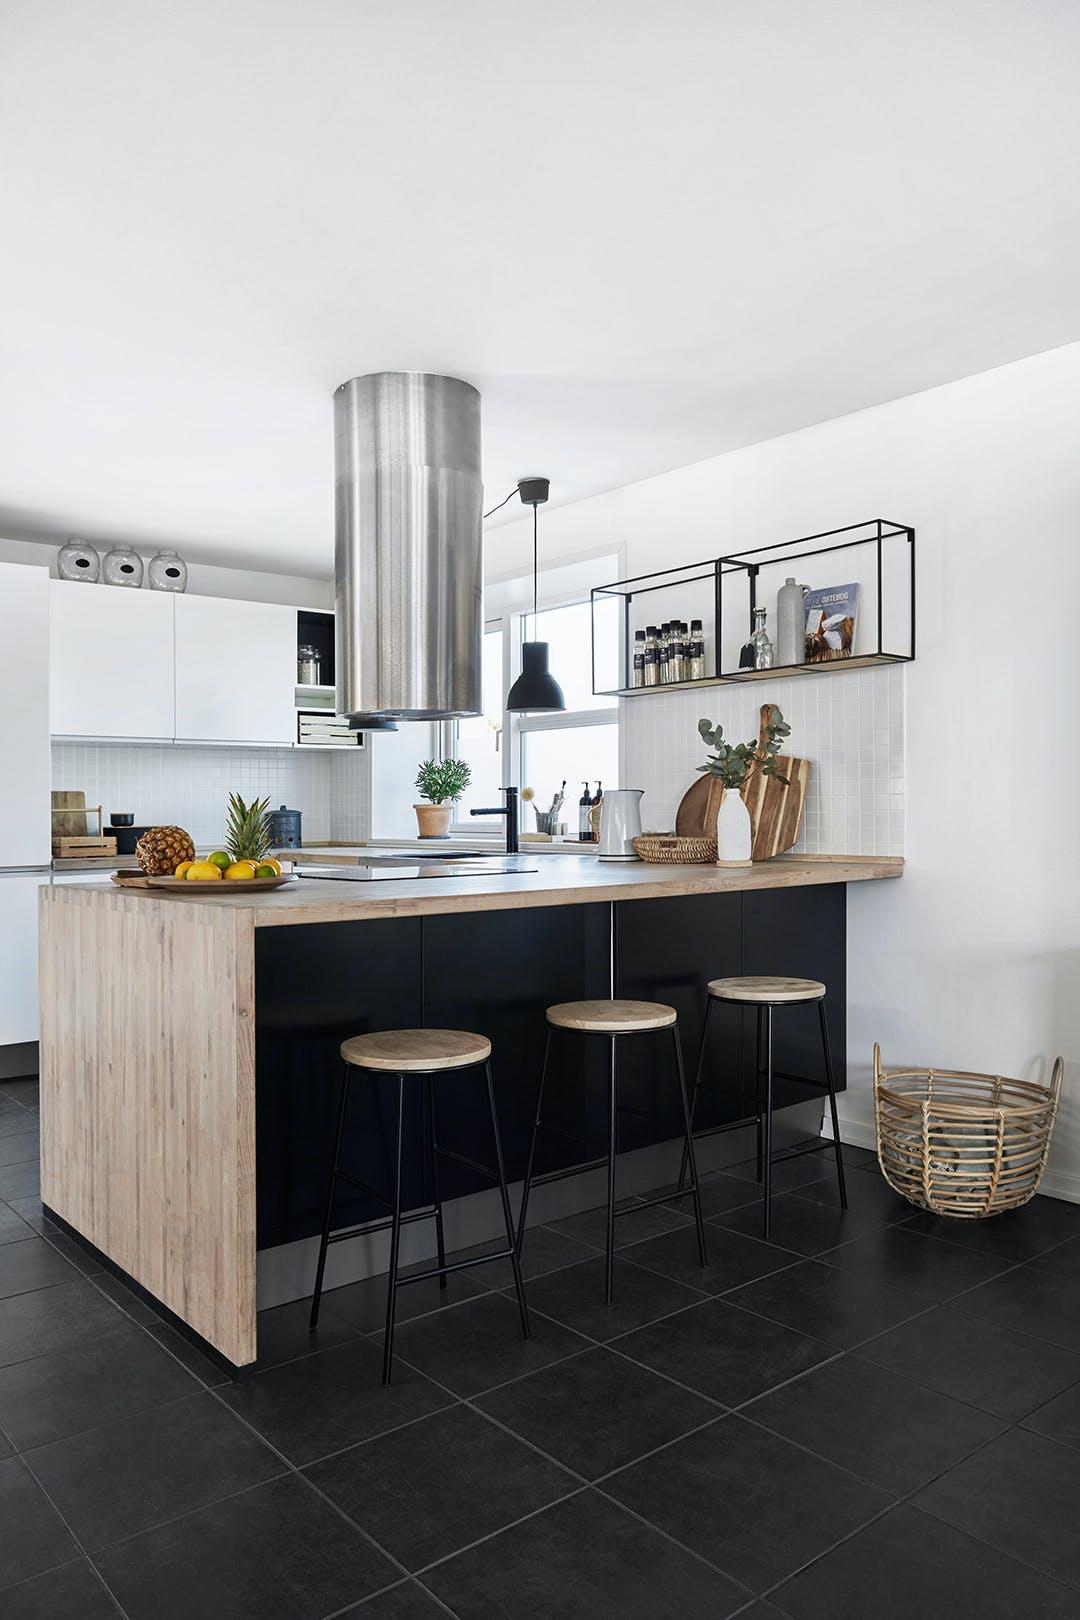 Stilrent køkken fra IKEA fer og not-samling i bordpladen